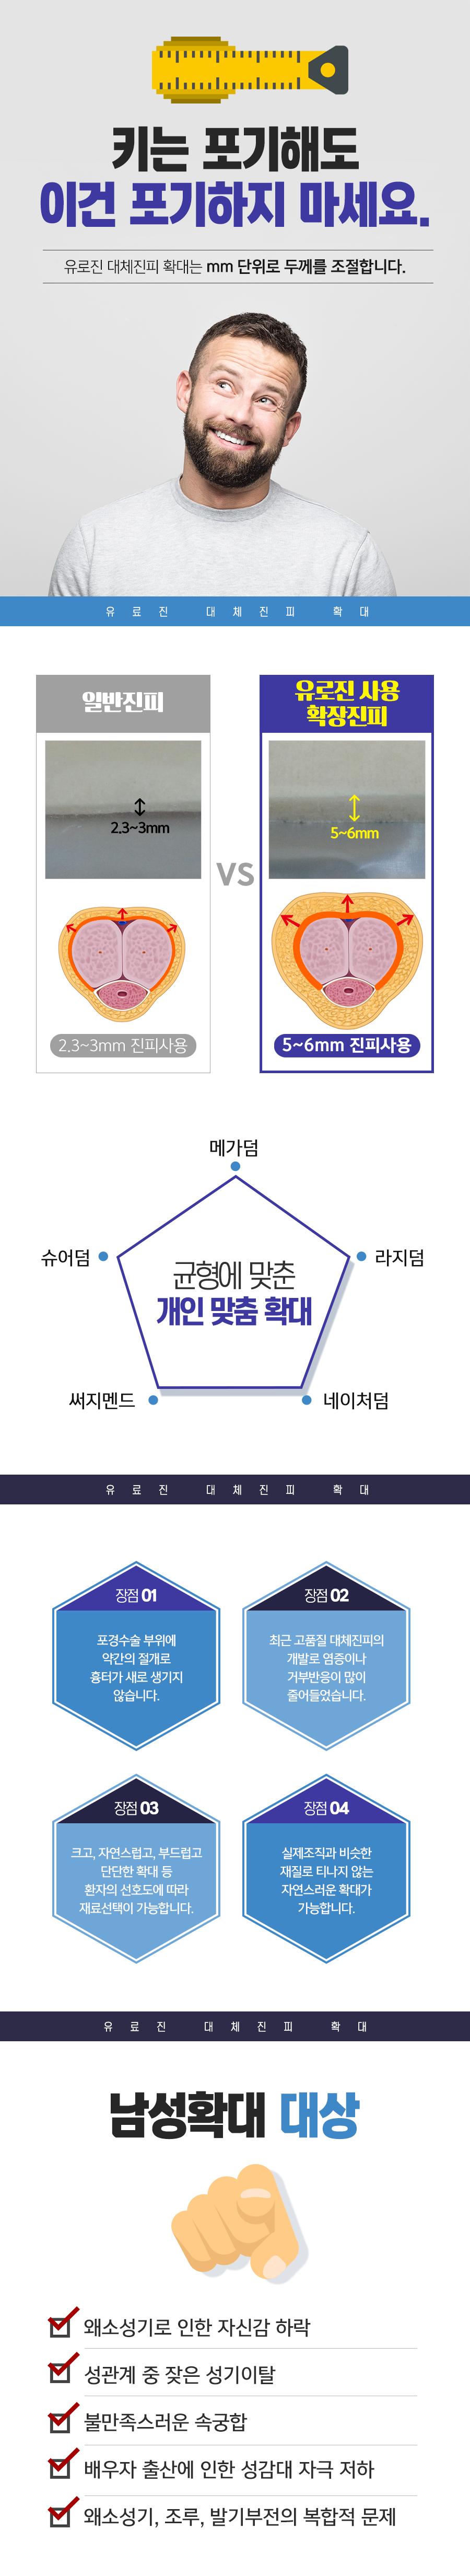 남성_홈페이지공지사항_대체진피확대 - 복사본 - 복사본 - 복사본.png